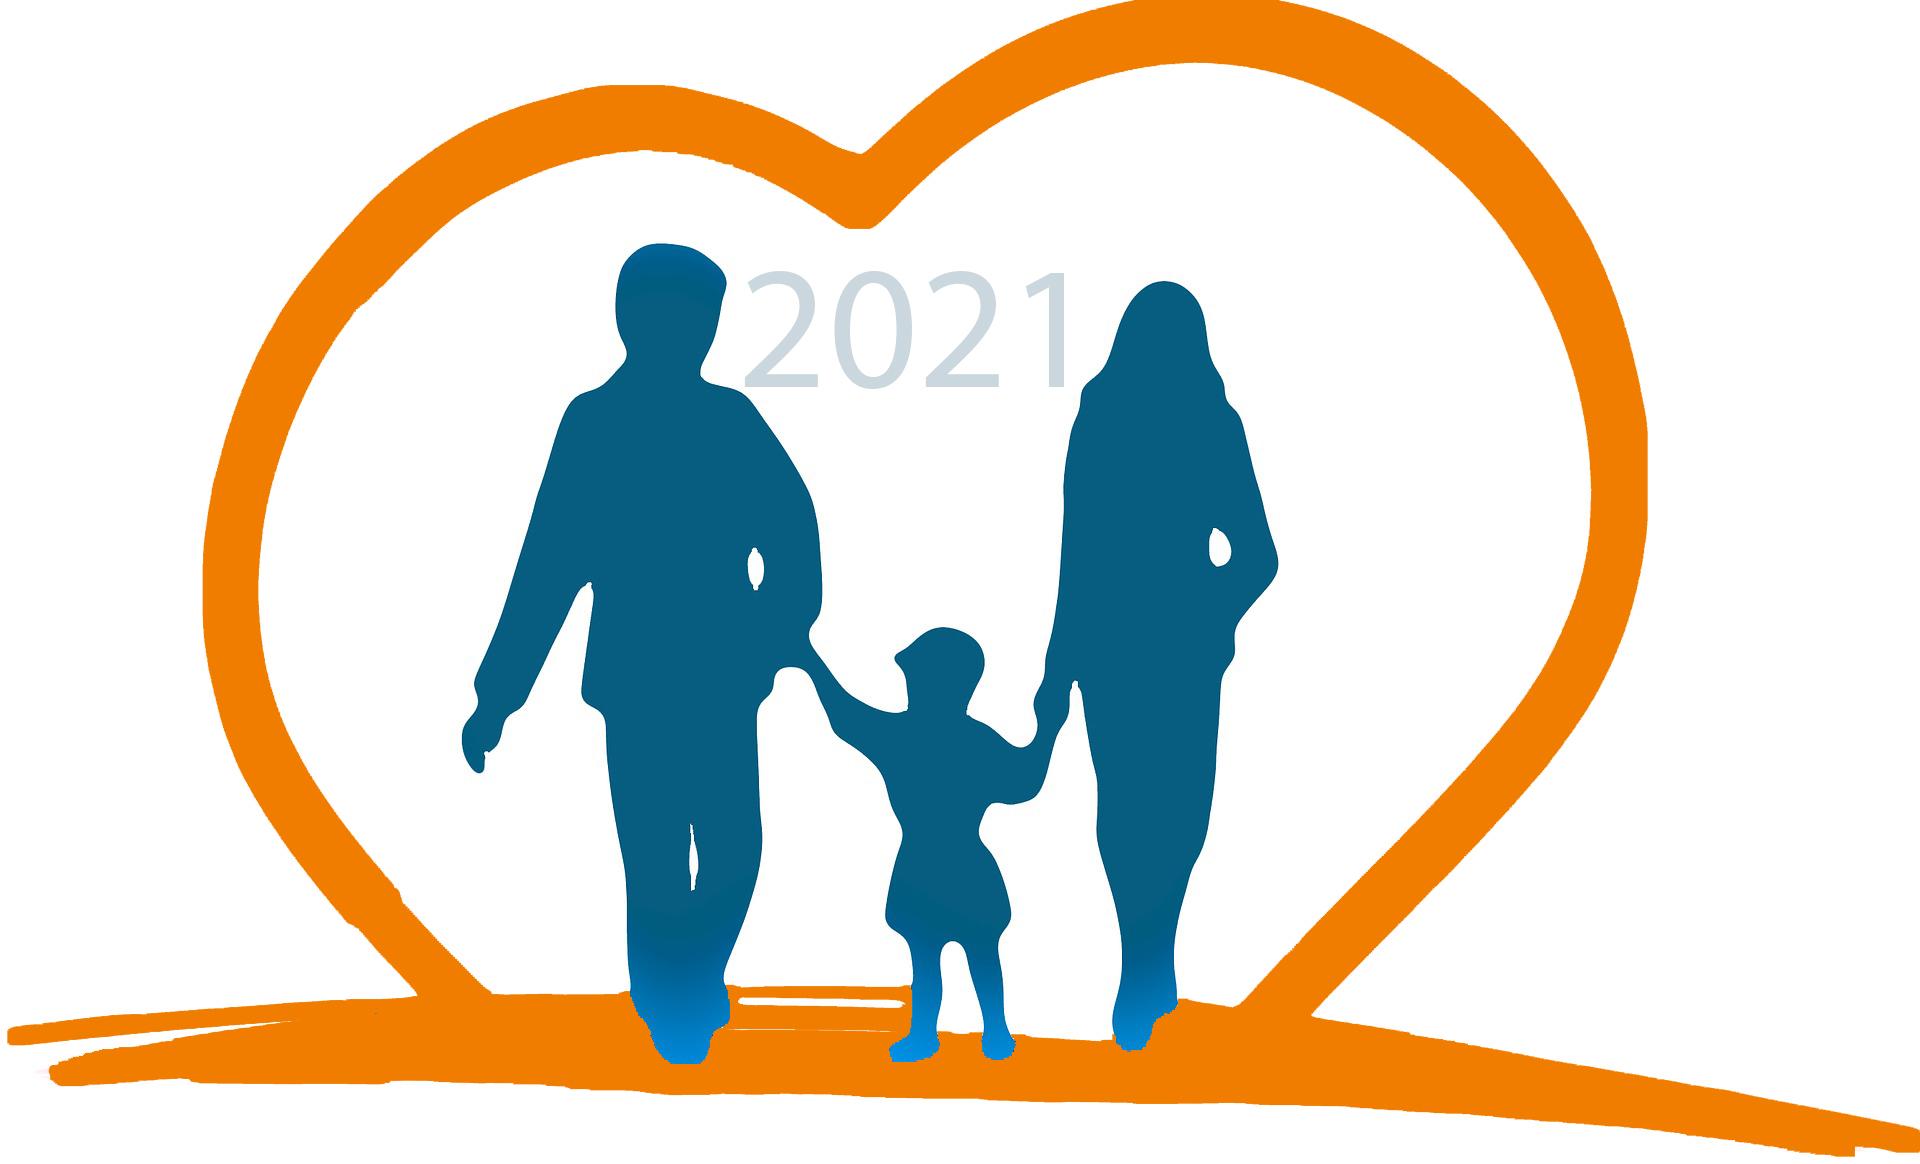 Vooruitblik Prinsjesdag: Mogelijke wijzigingen zorg in 2021